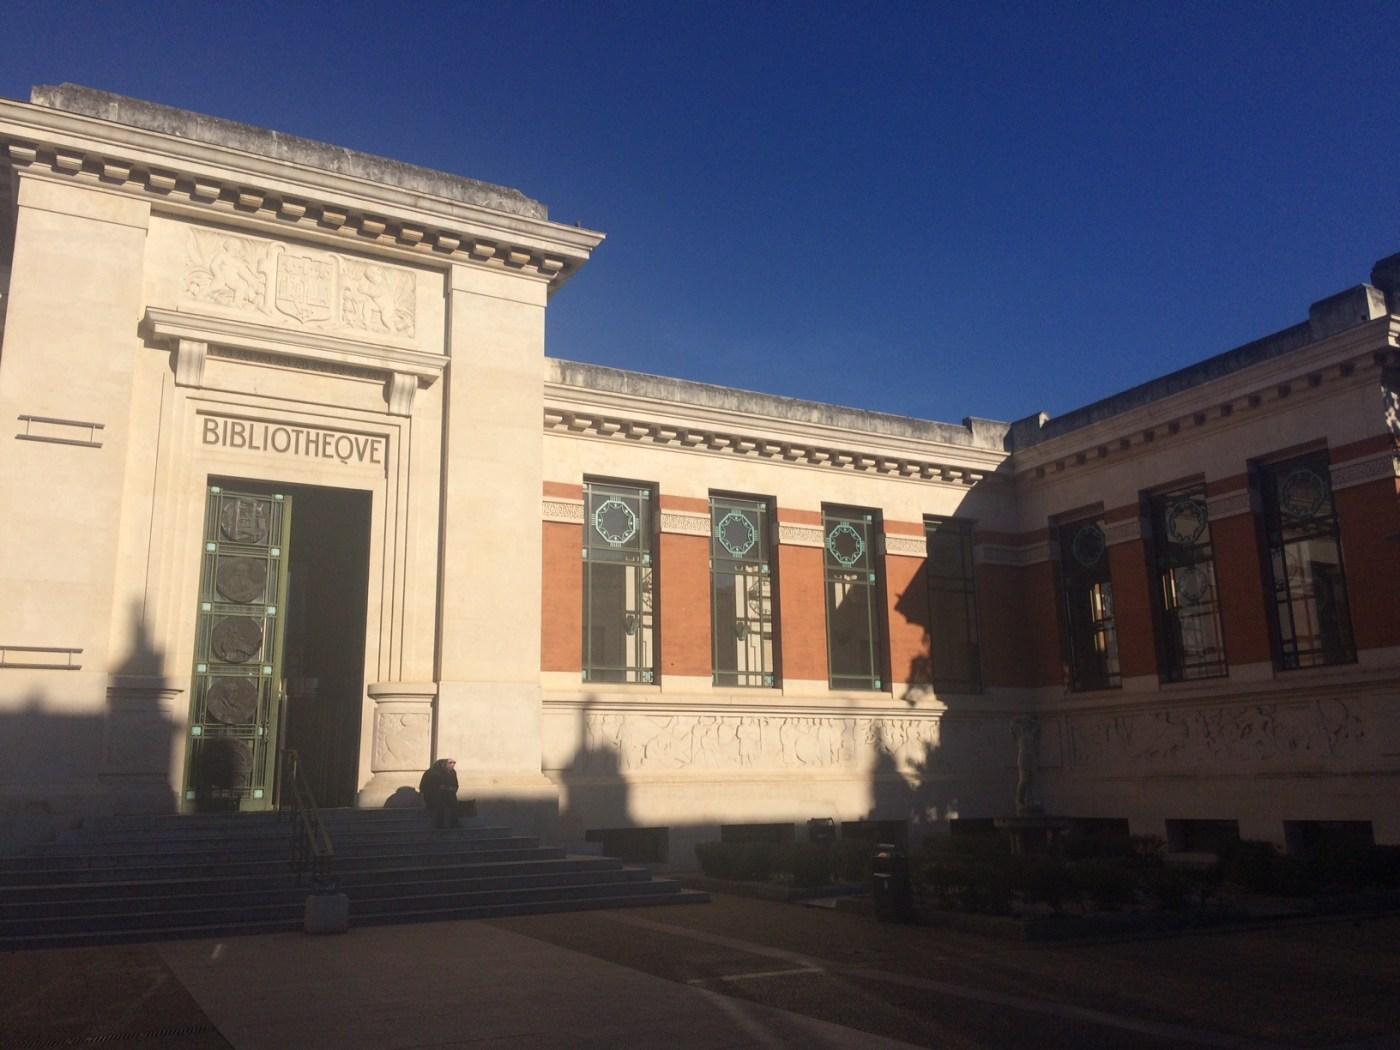 Bibliothek Toulouse